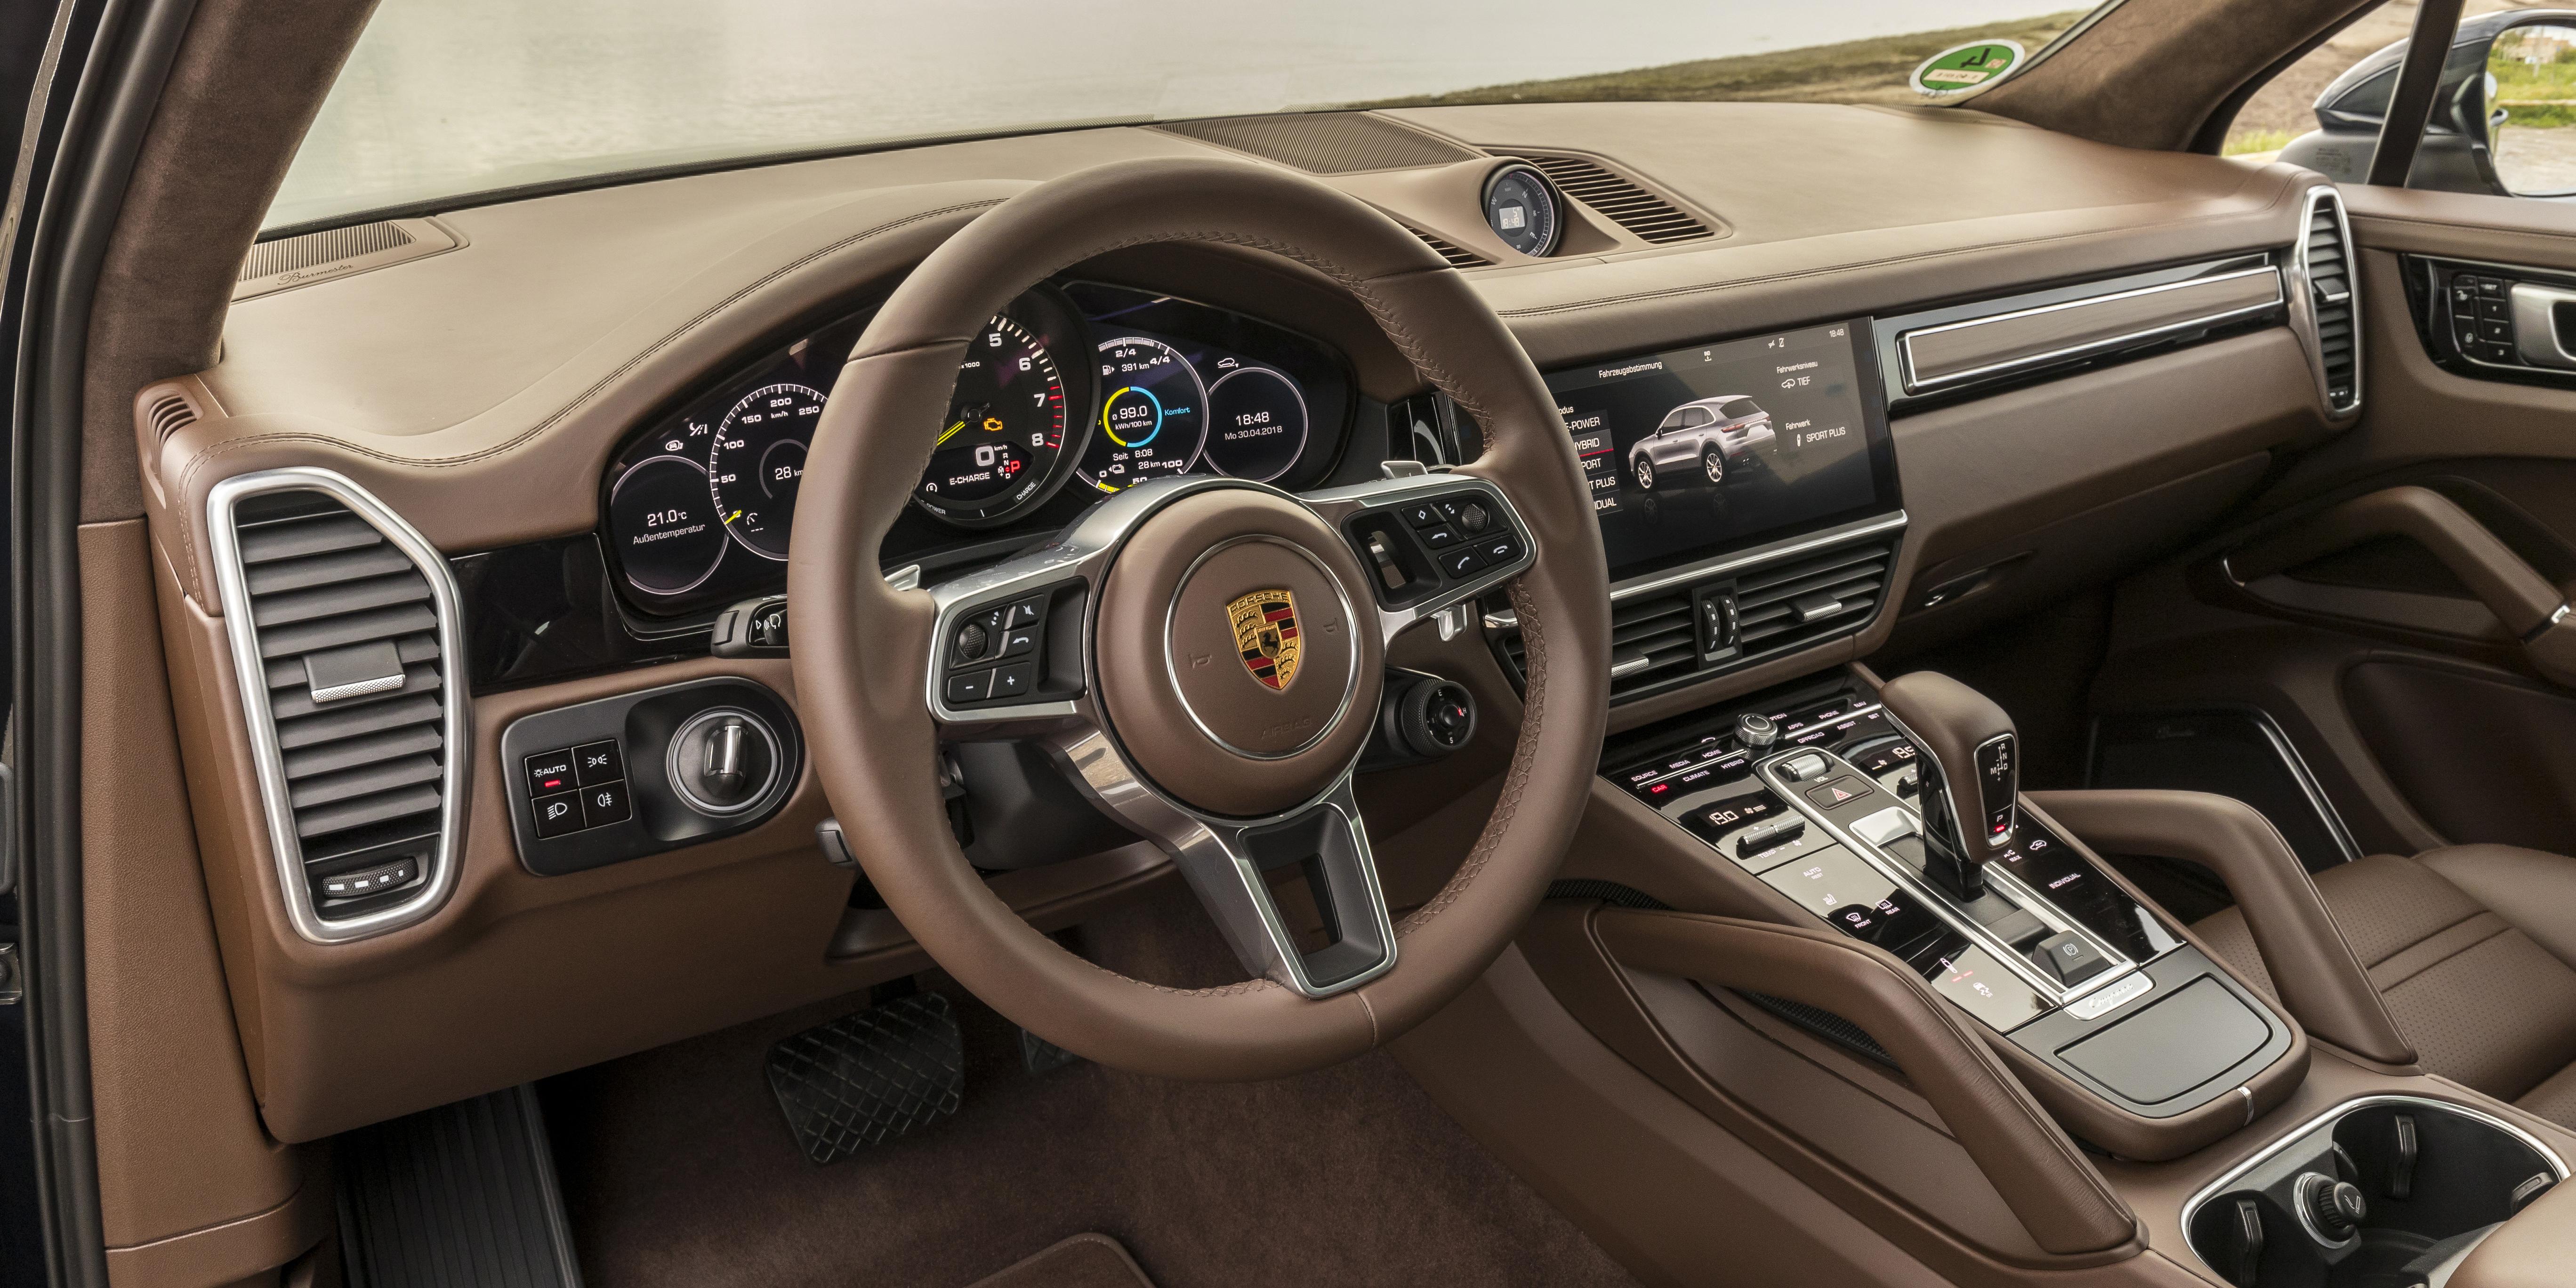 Porsche Cayenne Interior Amp Infotainment Carwow